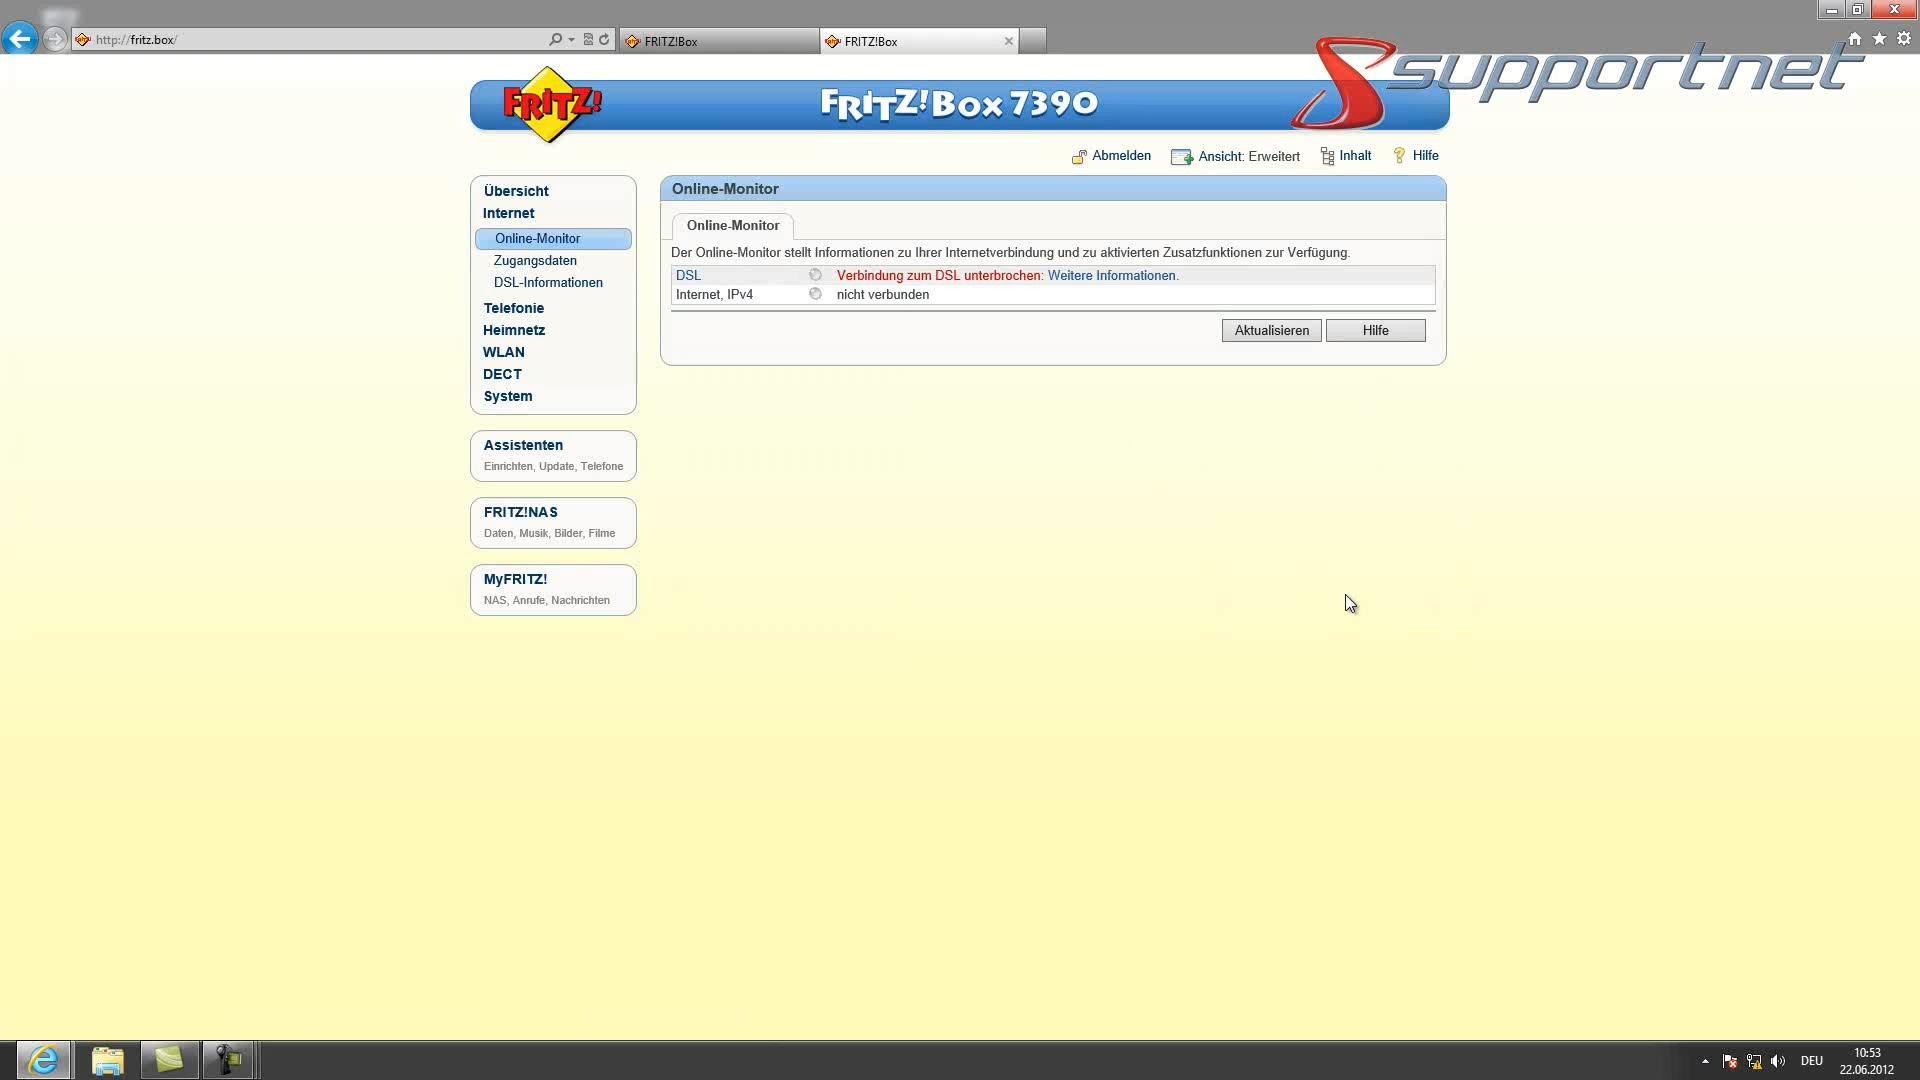 fritzbox-7390-einstellungen-teil-2-internet-einstellungen-supportnet-470.png?nocache=1345116583734